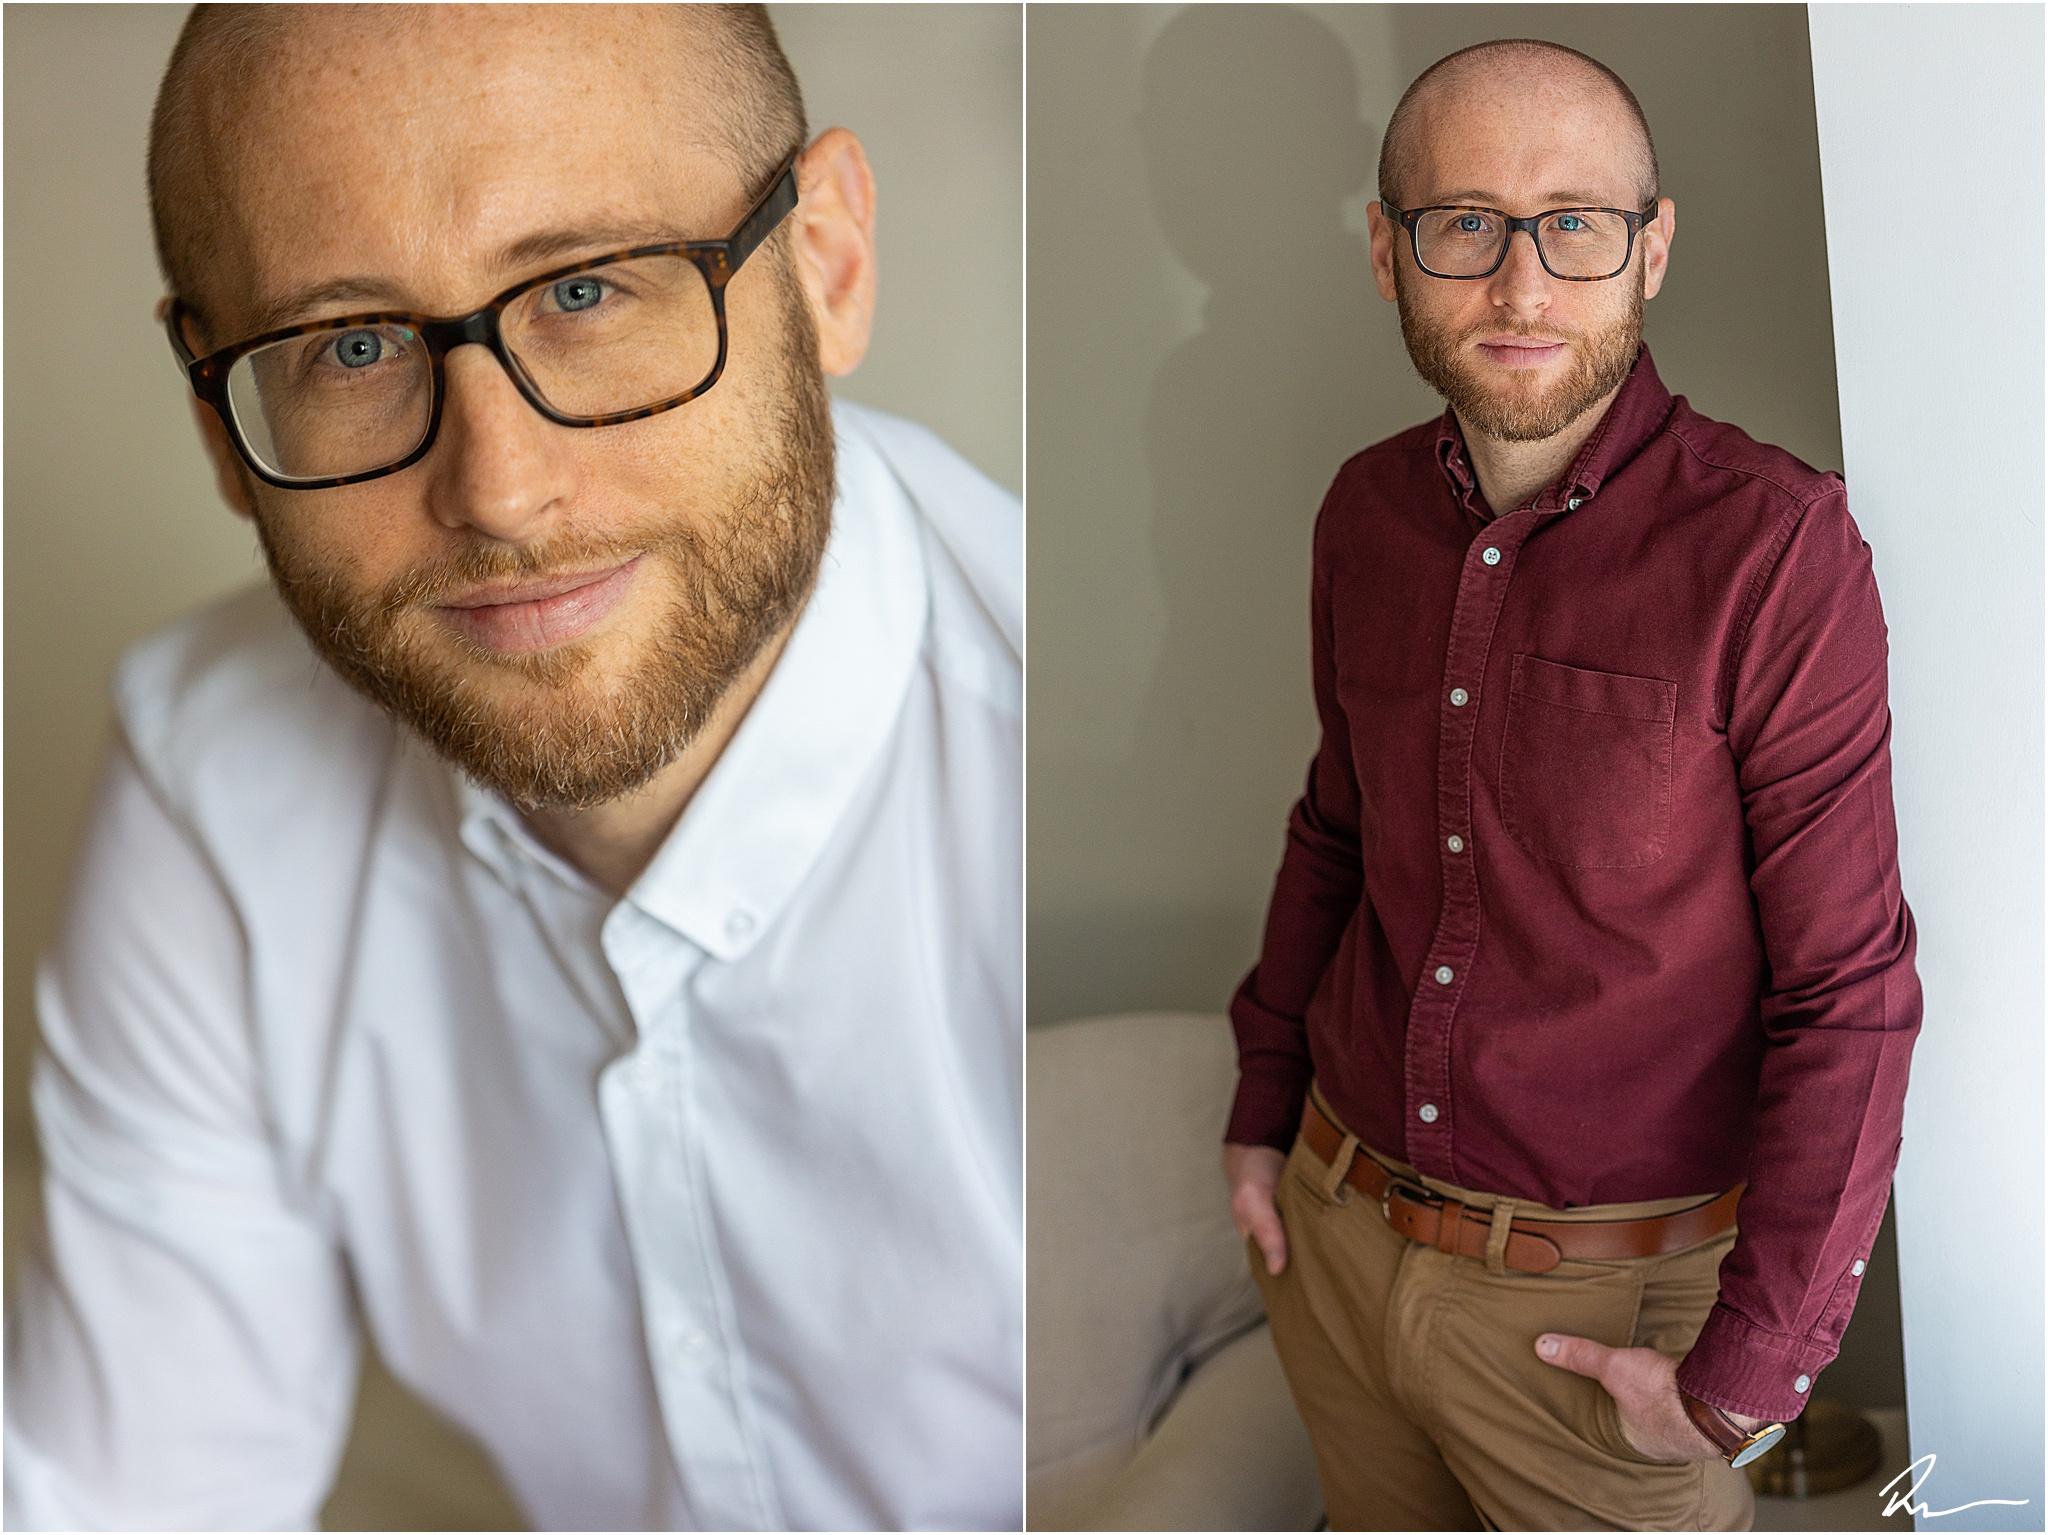 suffolk-headshot-photographer-ross-dean